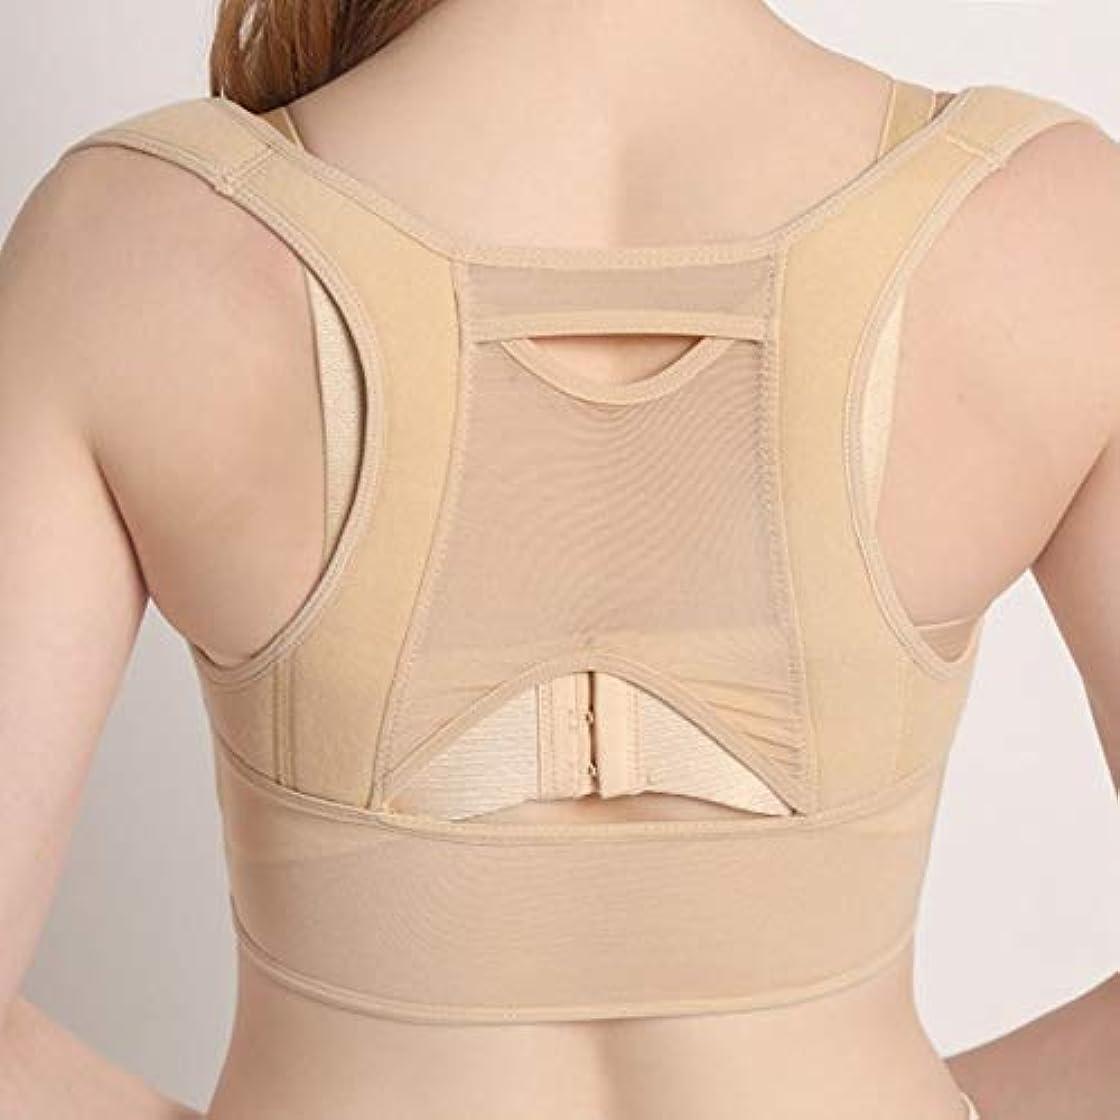 教育するまだ束ねる通気性のある女性の背中の姿勢矯正コルセット整形外科の肩の背骨の背骨の姿勢矯正腰椎サポート